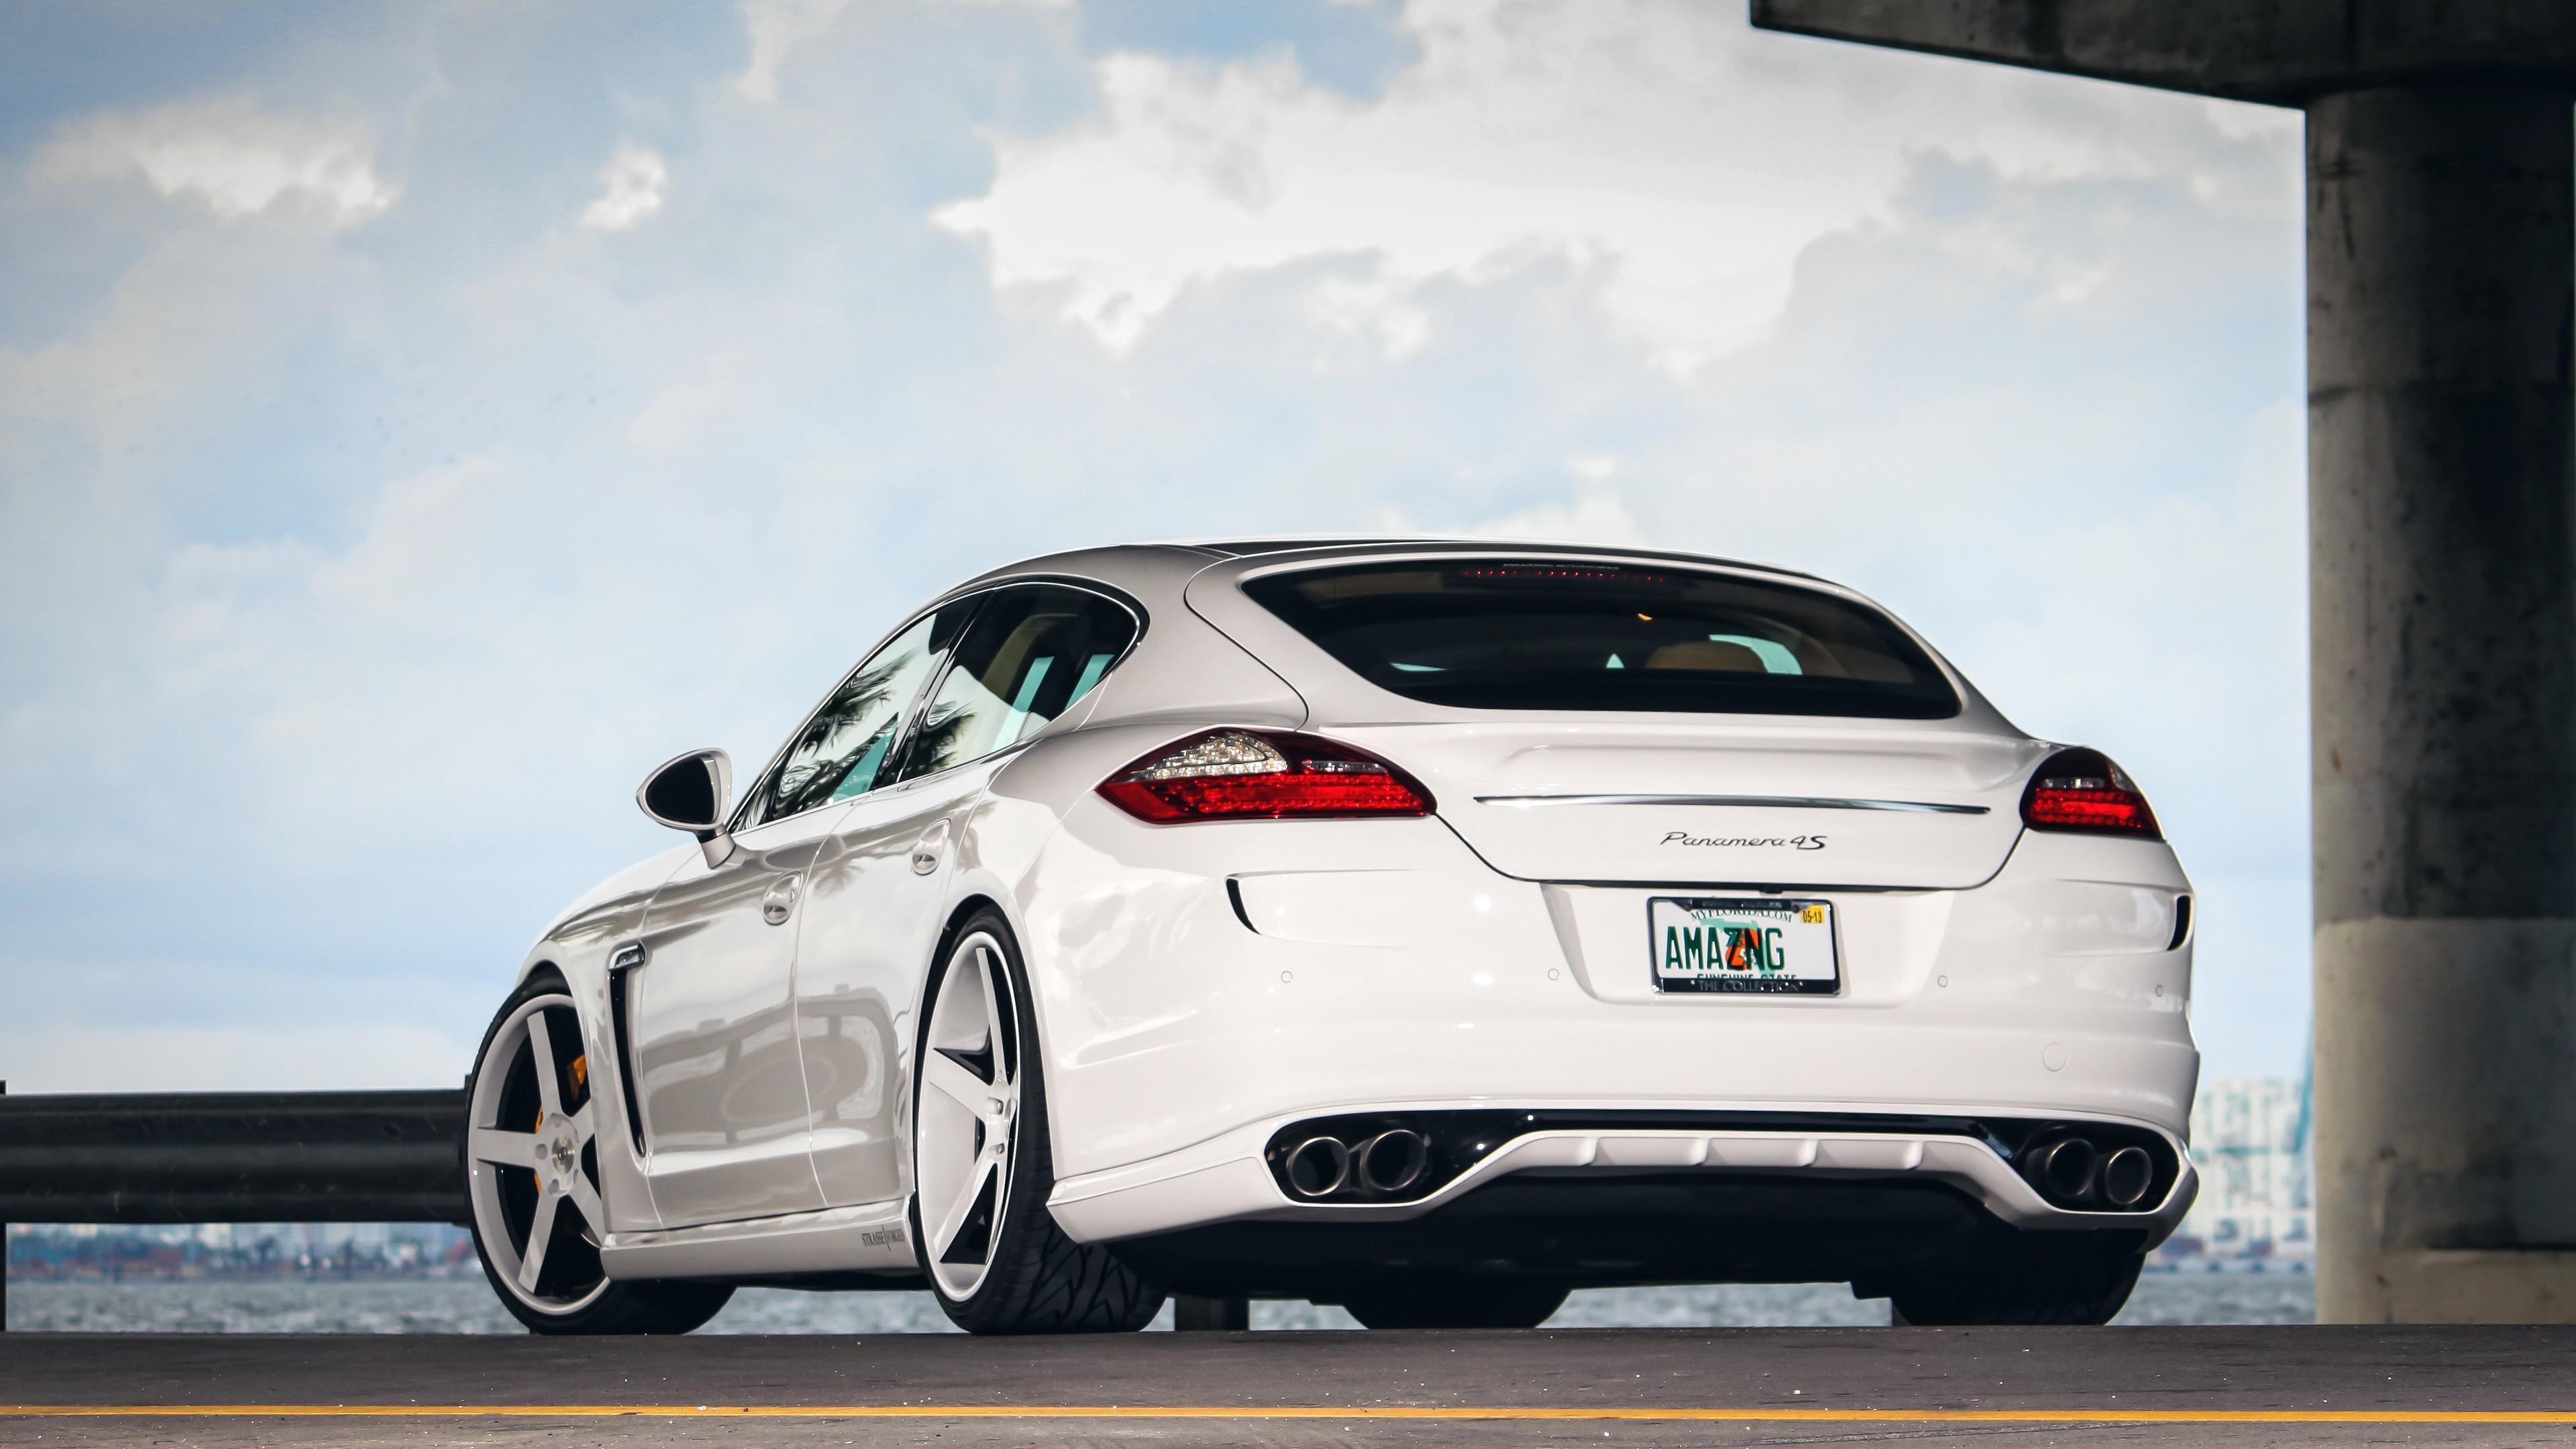 Wallpaper 4k Porsche Panamera Rear View White Auto 4k